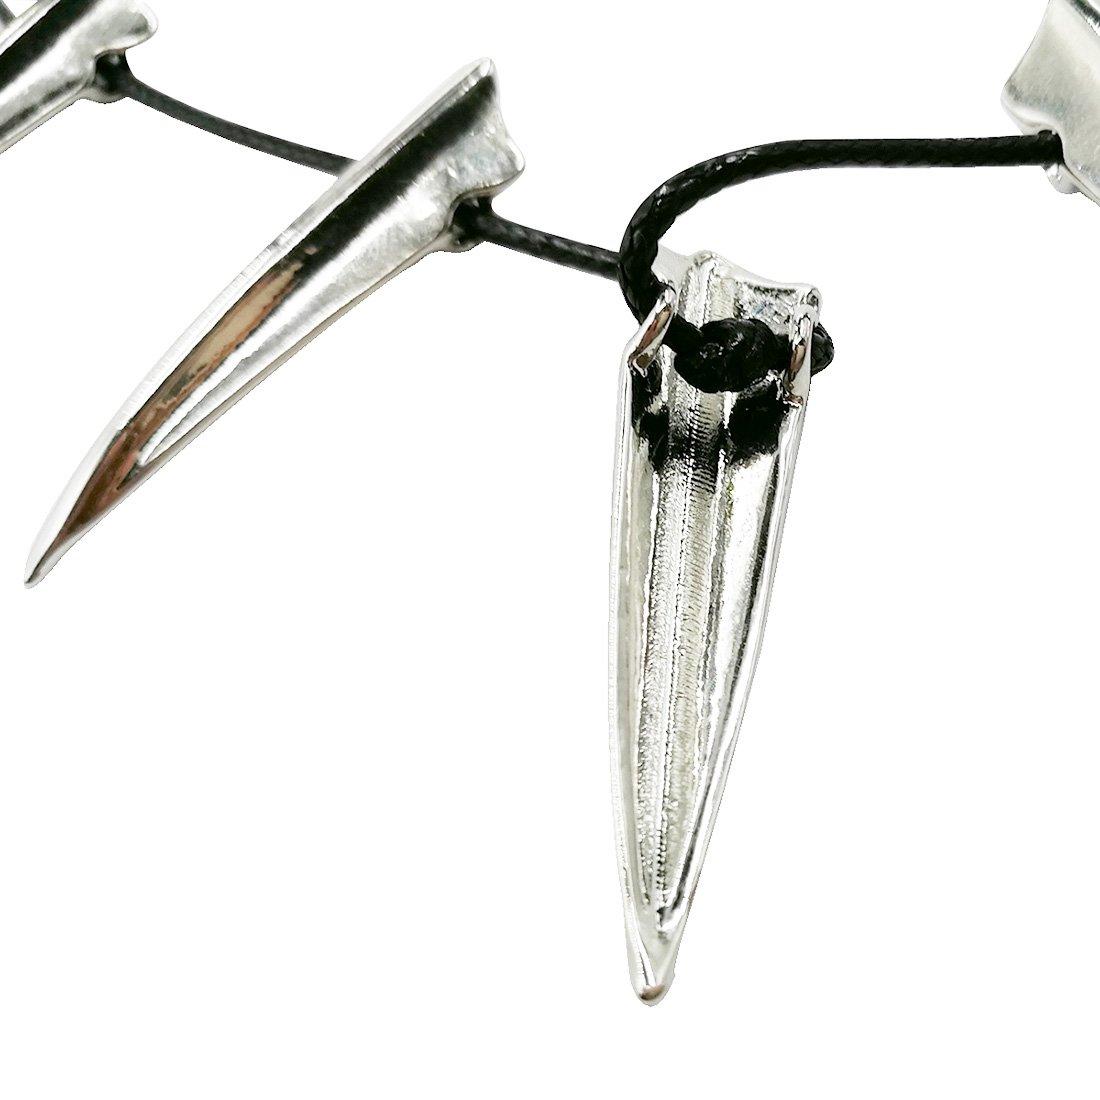 Collier noir avec pendentif en forme de pique de la marque Cosplay